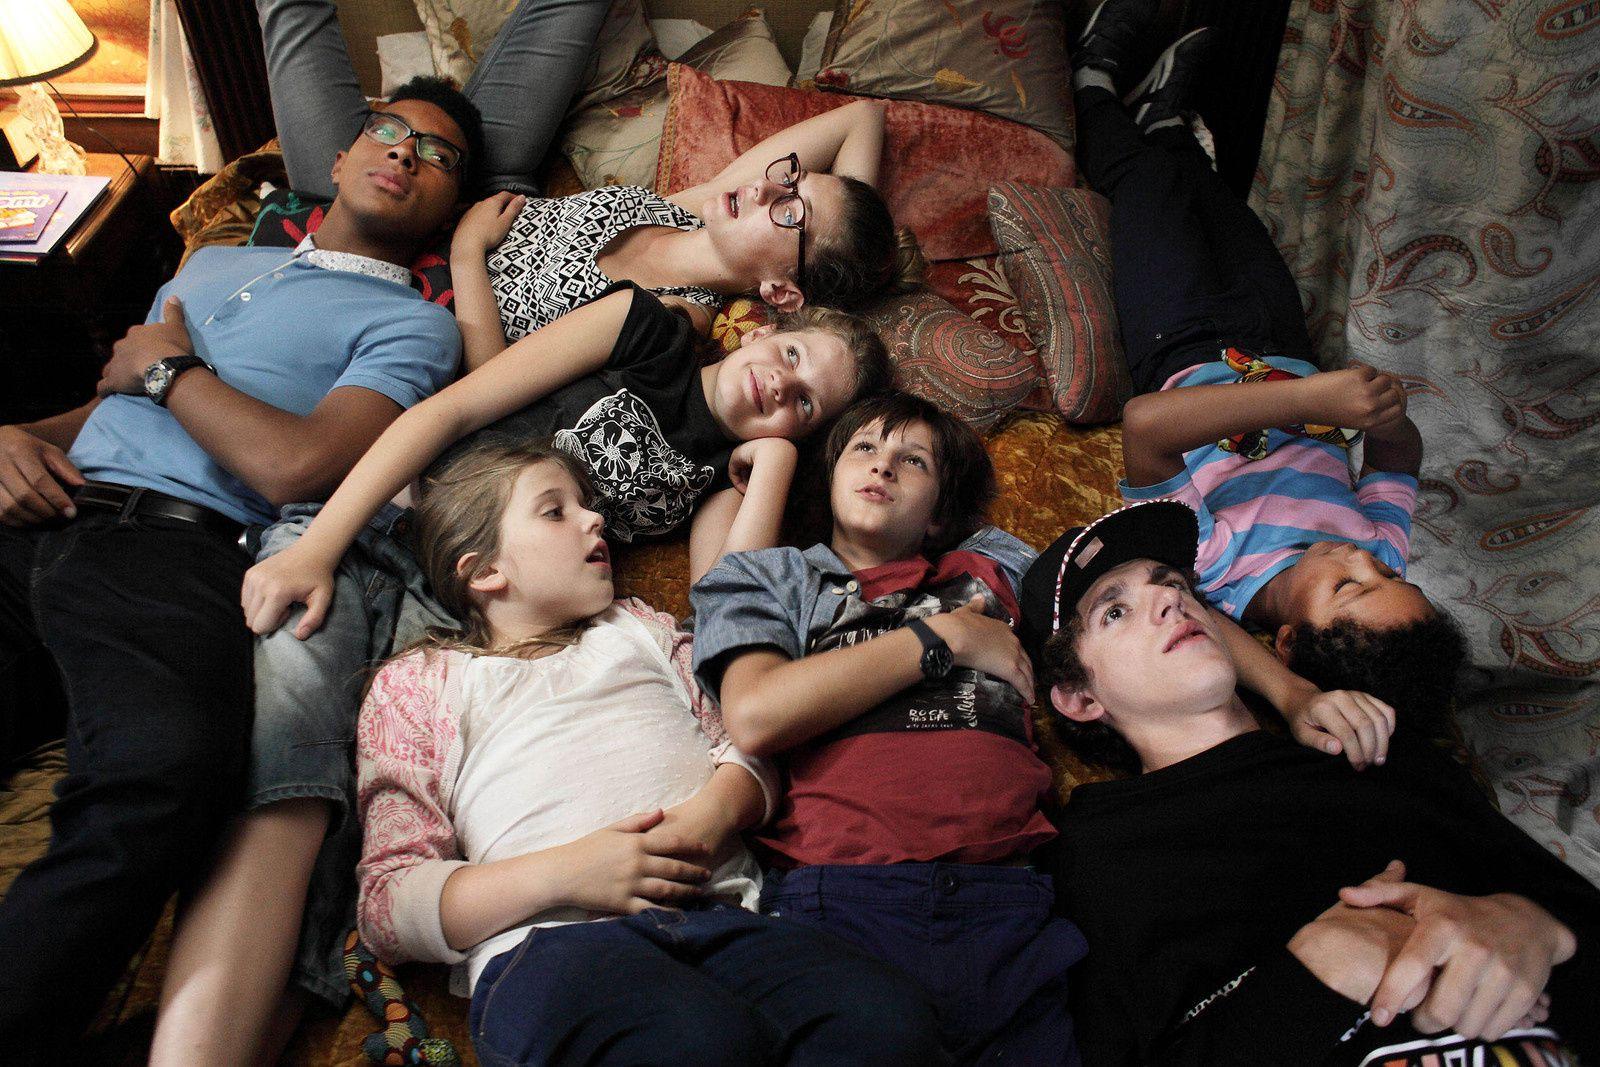 C'EST QUOI CETTE FAMILLE (BANDE ANNONCE) avec Julie Gayet, Lucien Jean-Baptiste, Julie Depardieu - Le 10 août 2016 au cinéma